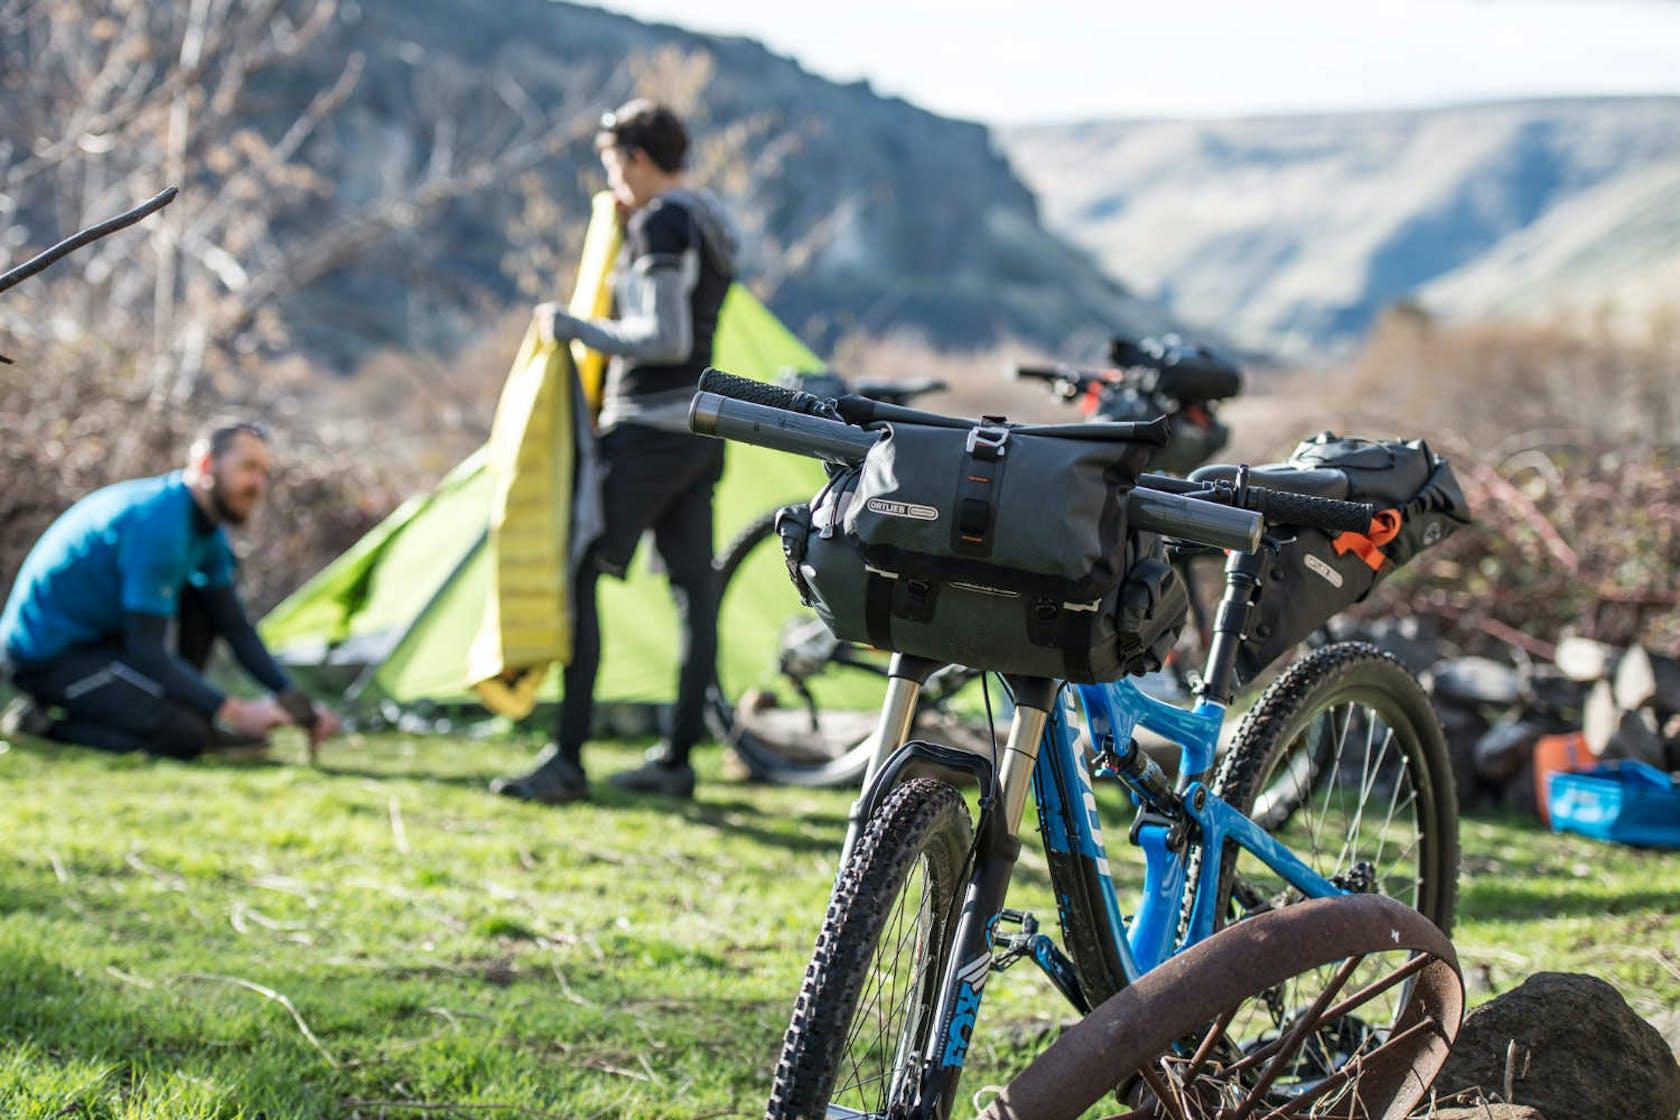 Attrezzatura bici trekking e viaggio | Shop Online